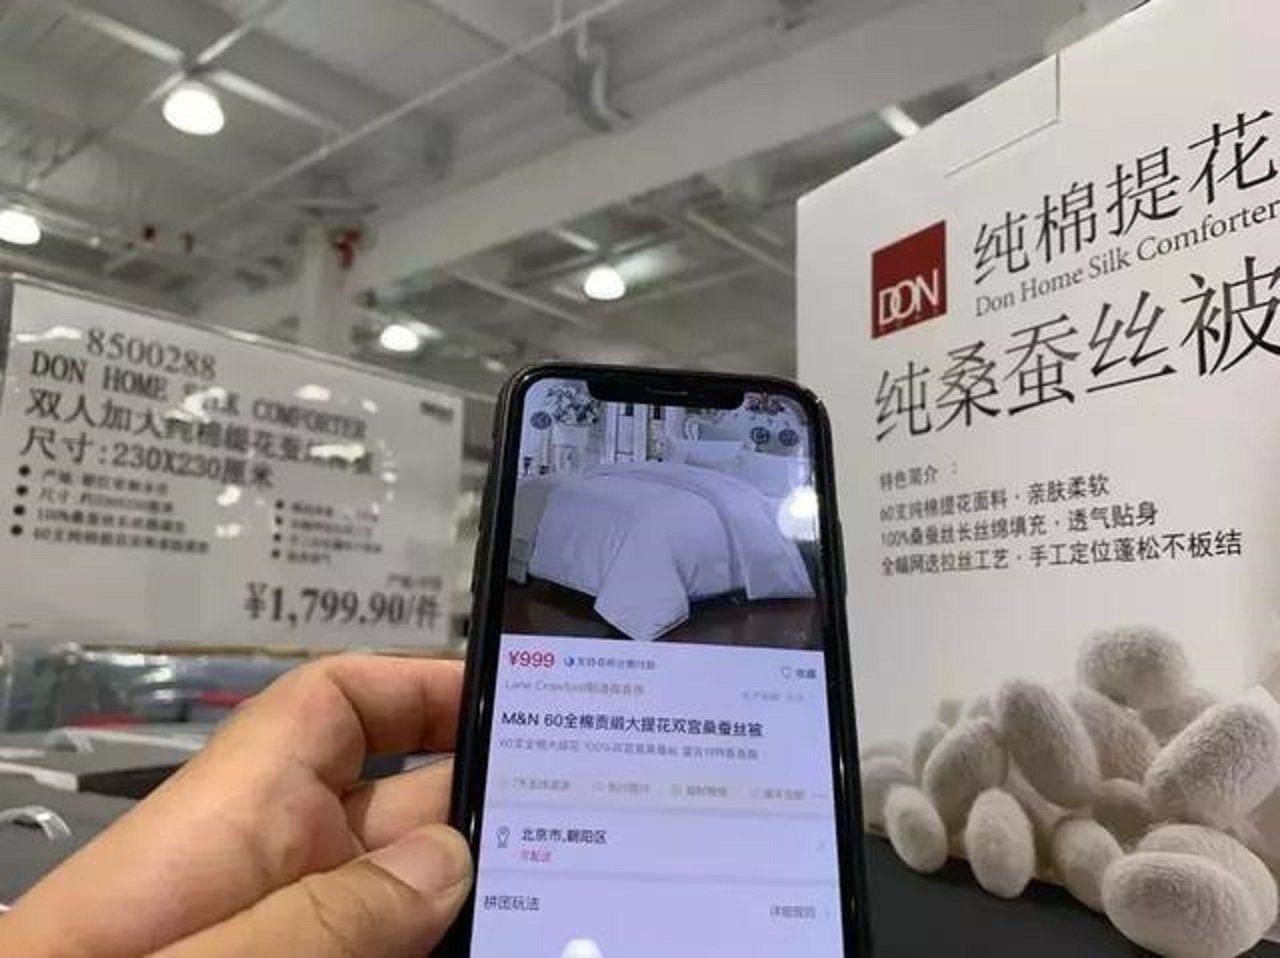 挑戰上海Costco 「必要商城」揚言買貴退10倍差價 (取材自虎嘯網)